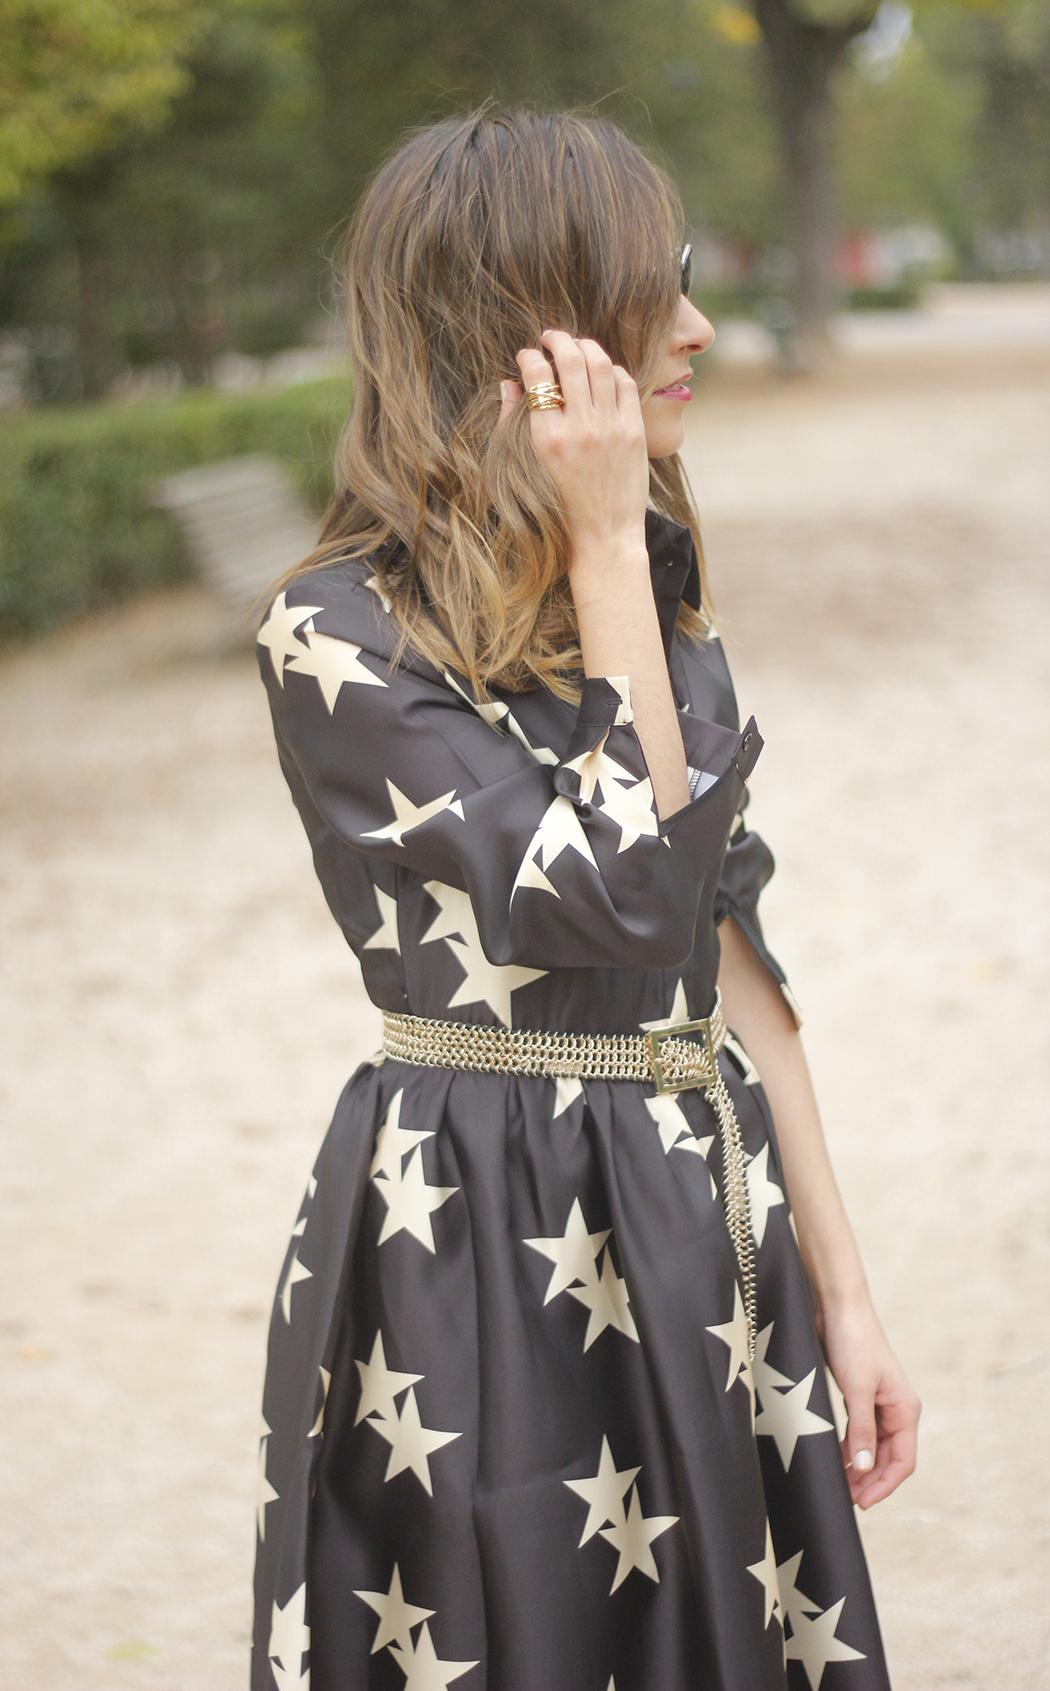 Star Print Dress sunnies heels outfit18